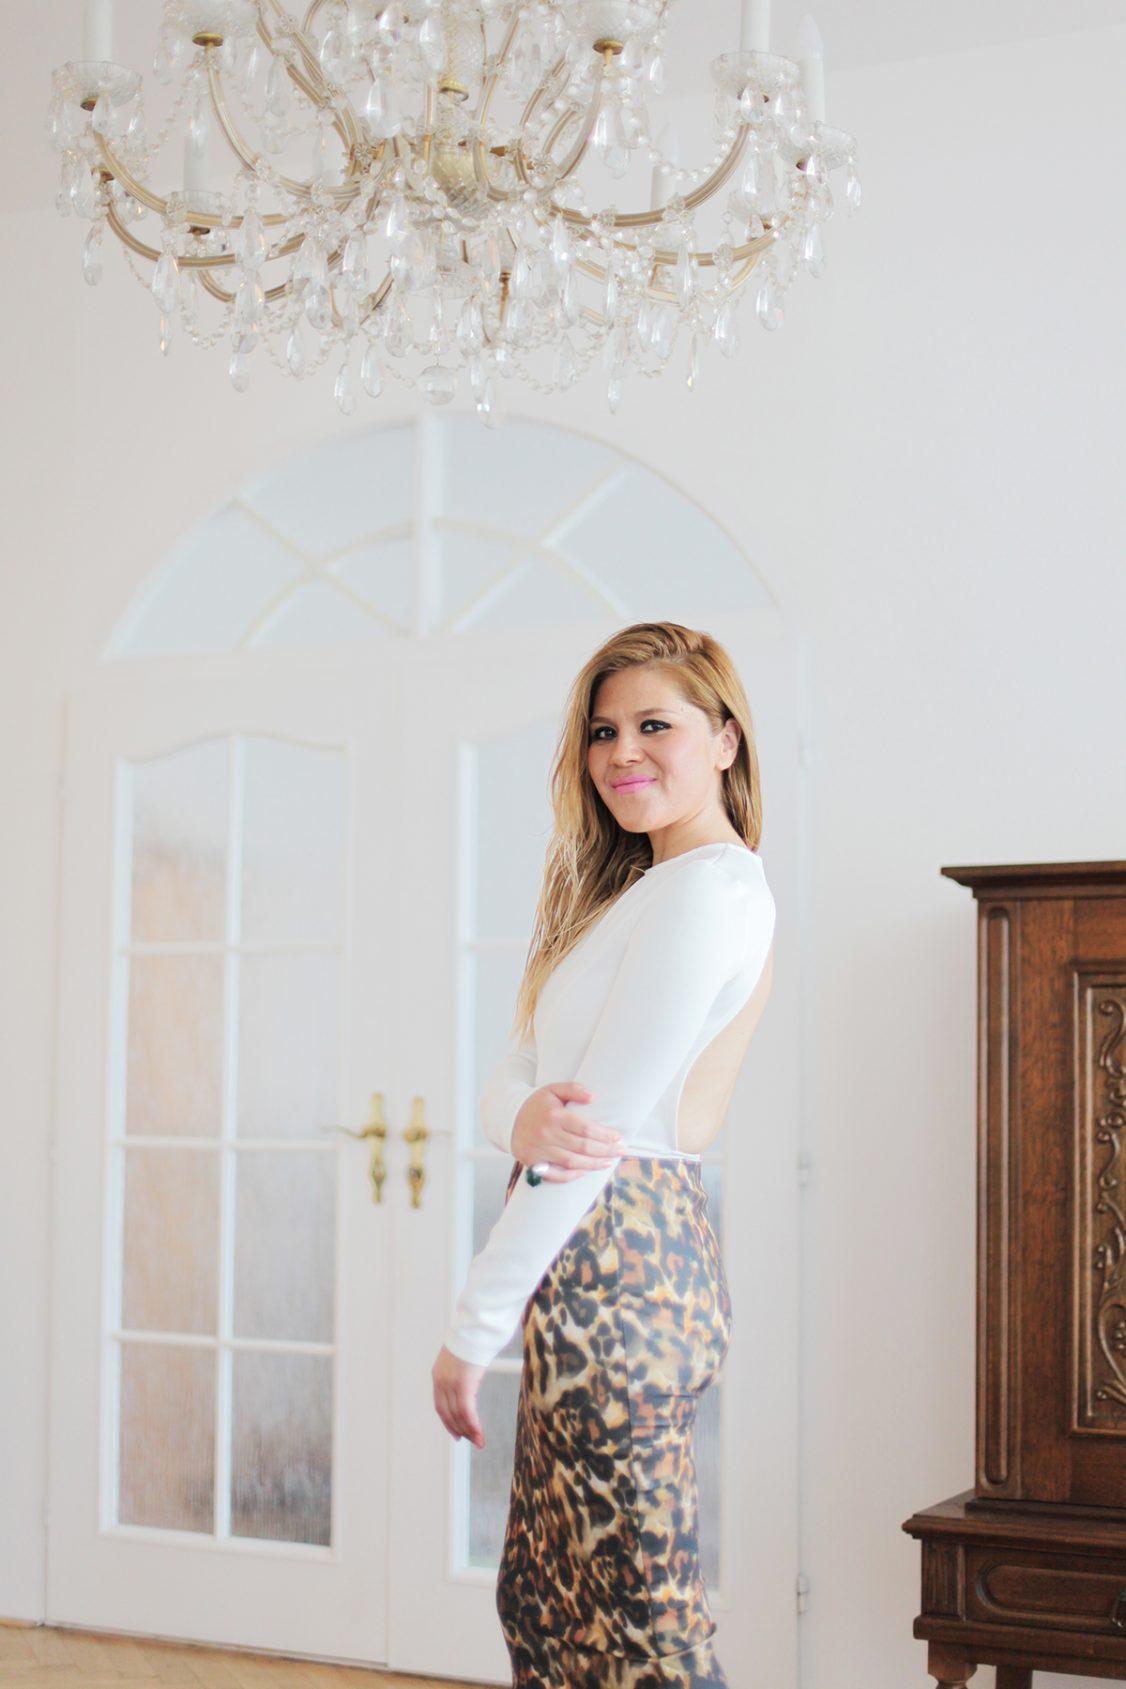 http://www.withoutlipstick.com/fashion-blogger-uk/